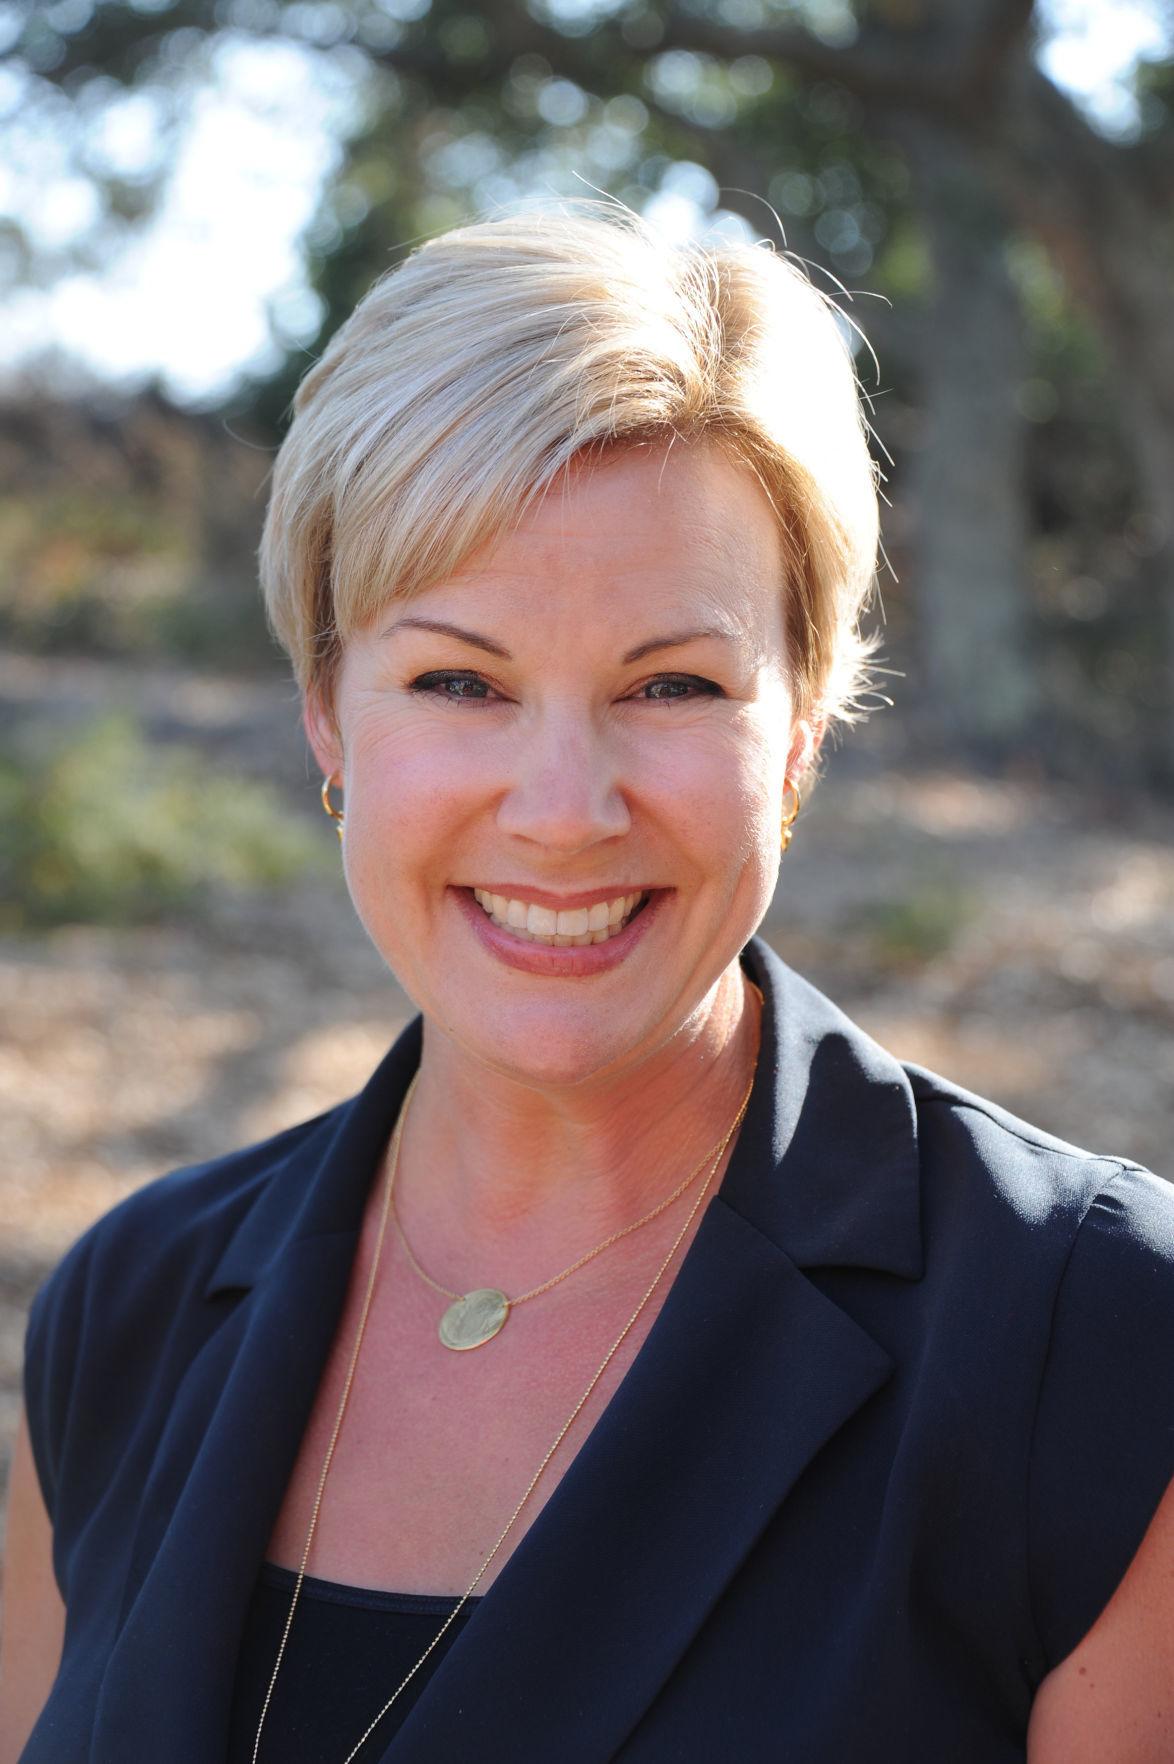 CALM Amy Curti